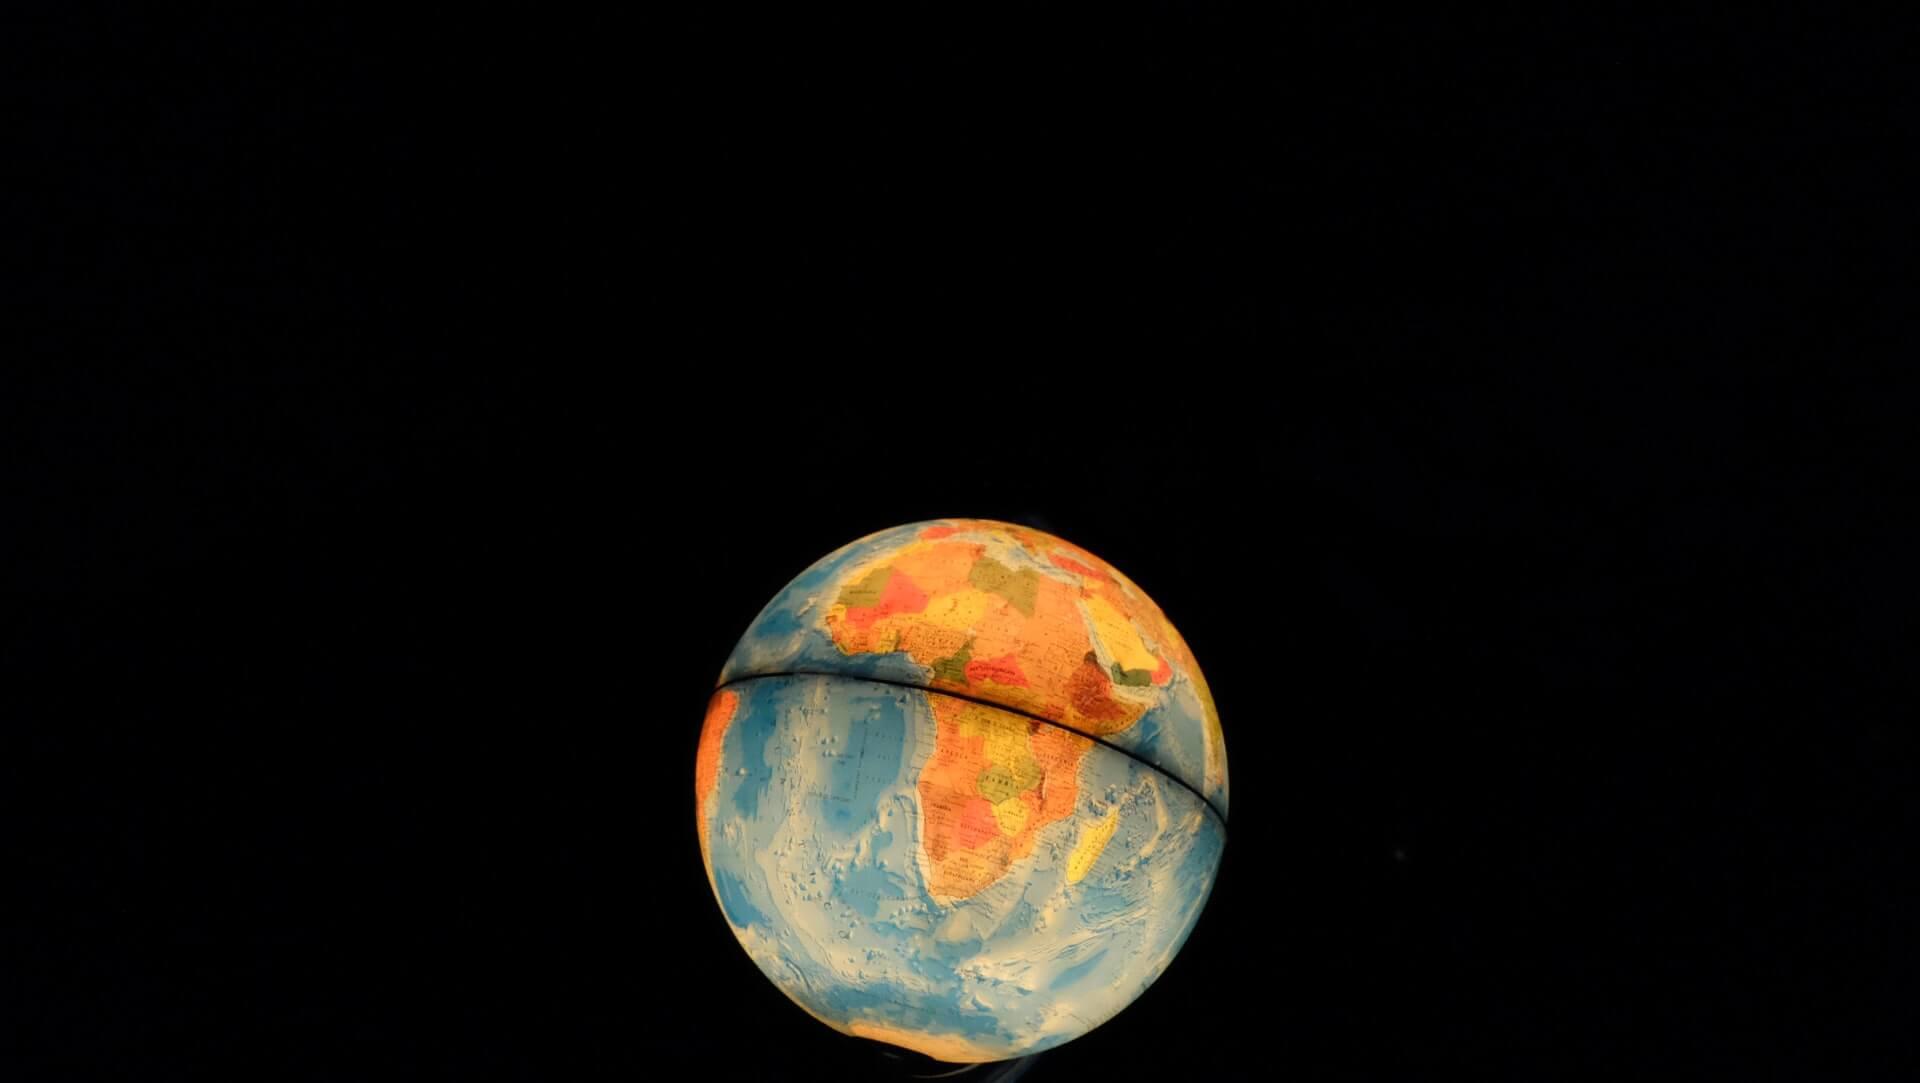 okretanje zemlje